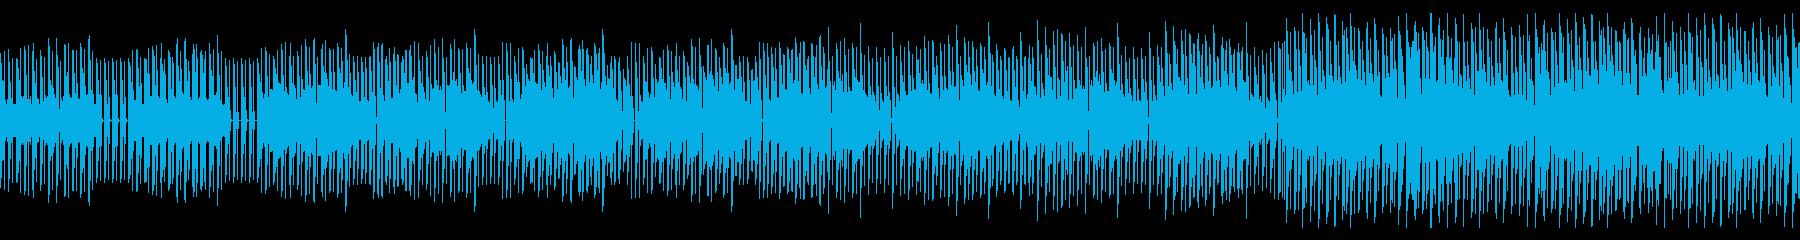 ダークで疾走感のあるテクノBGMの再生済みの波形